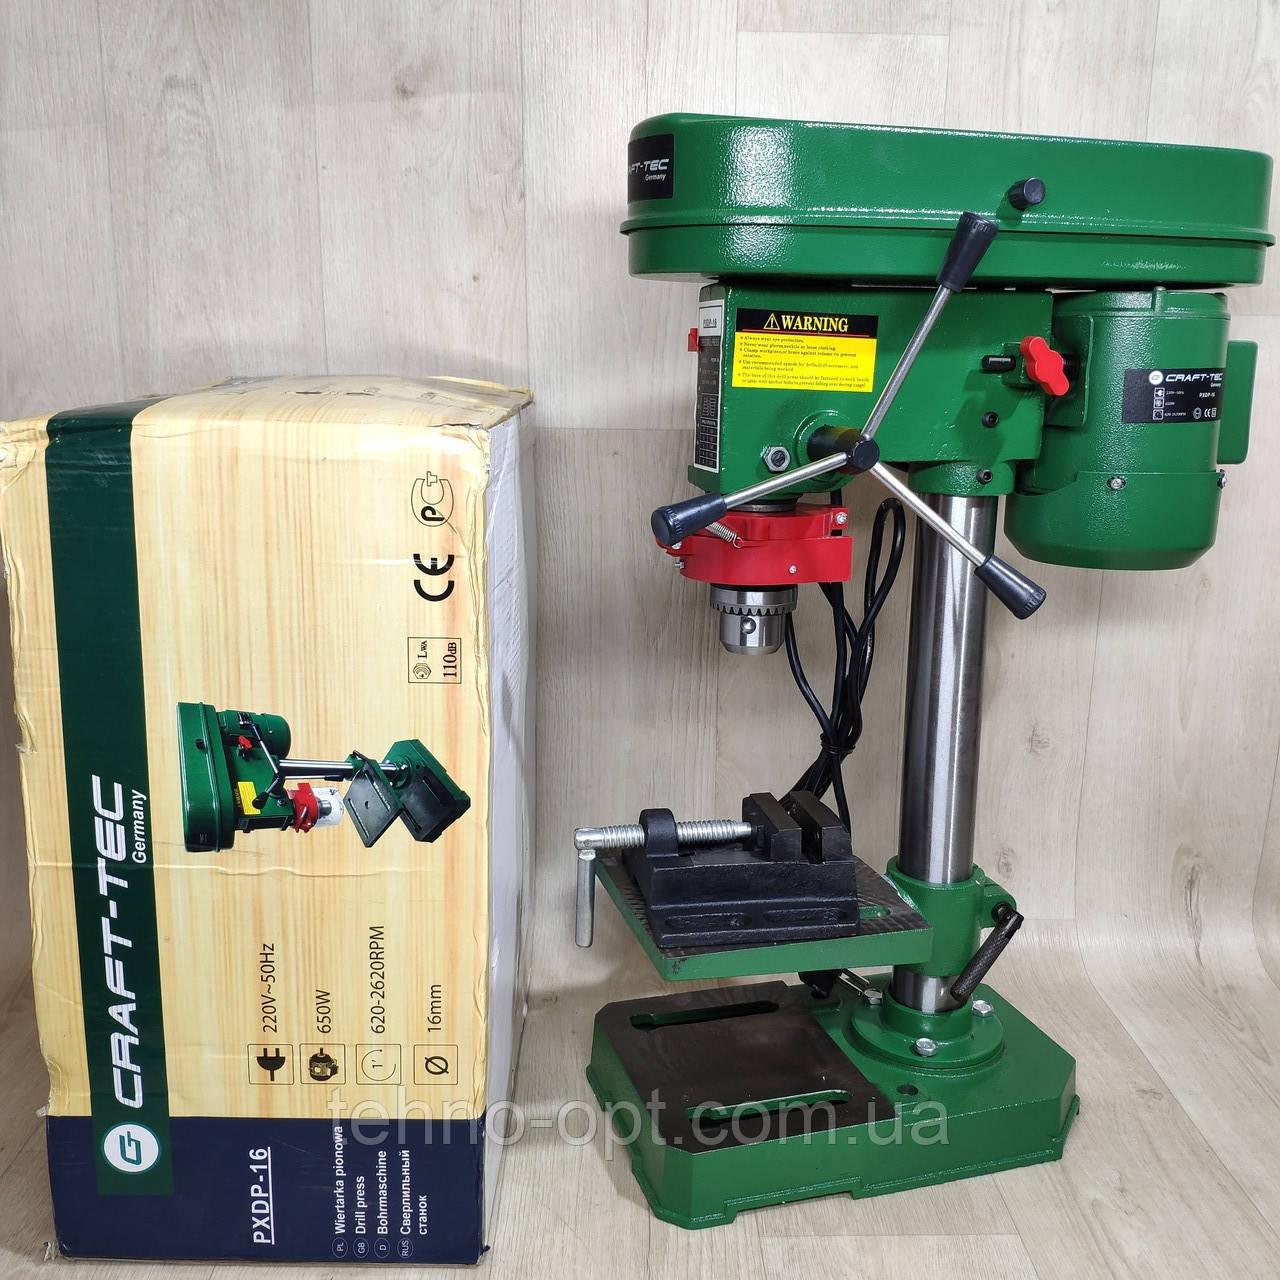 Сверлильный станок Craft-Tec  PXDP-16 Патрон 650Вт